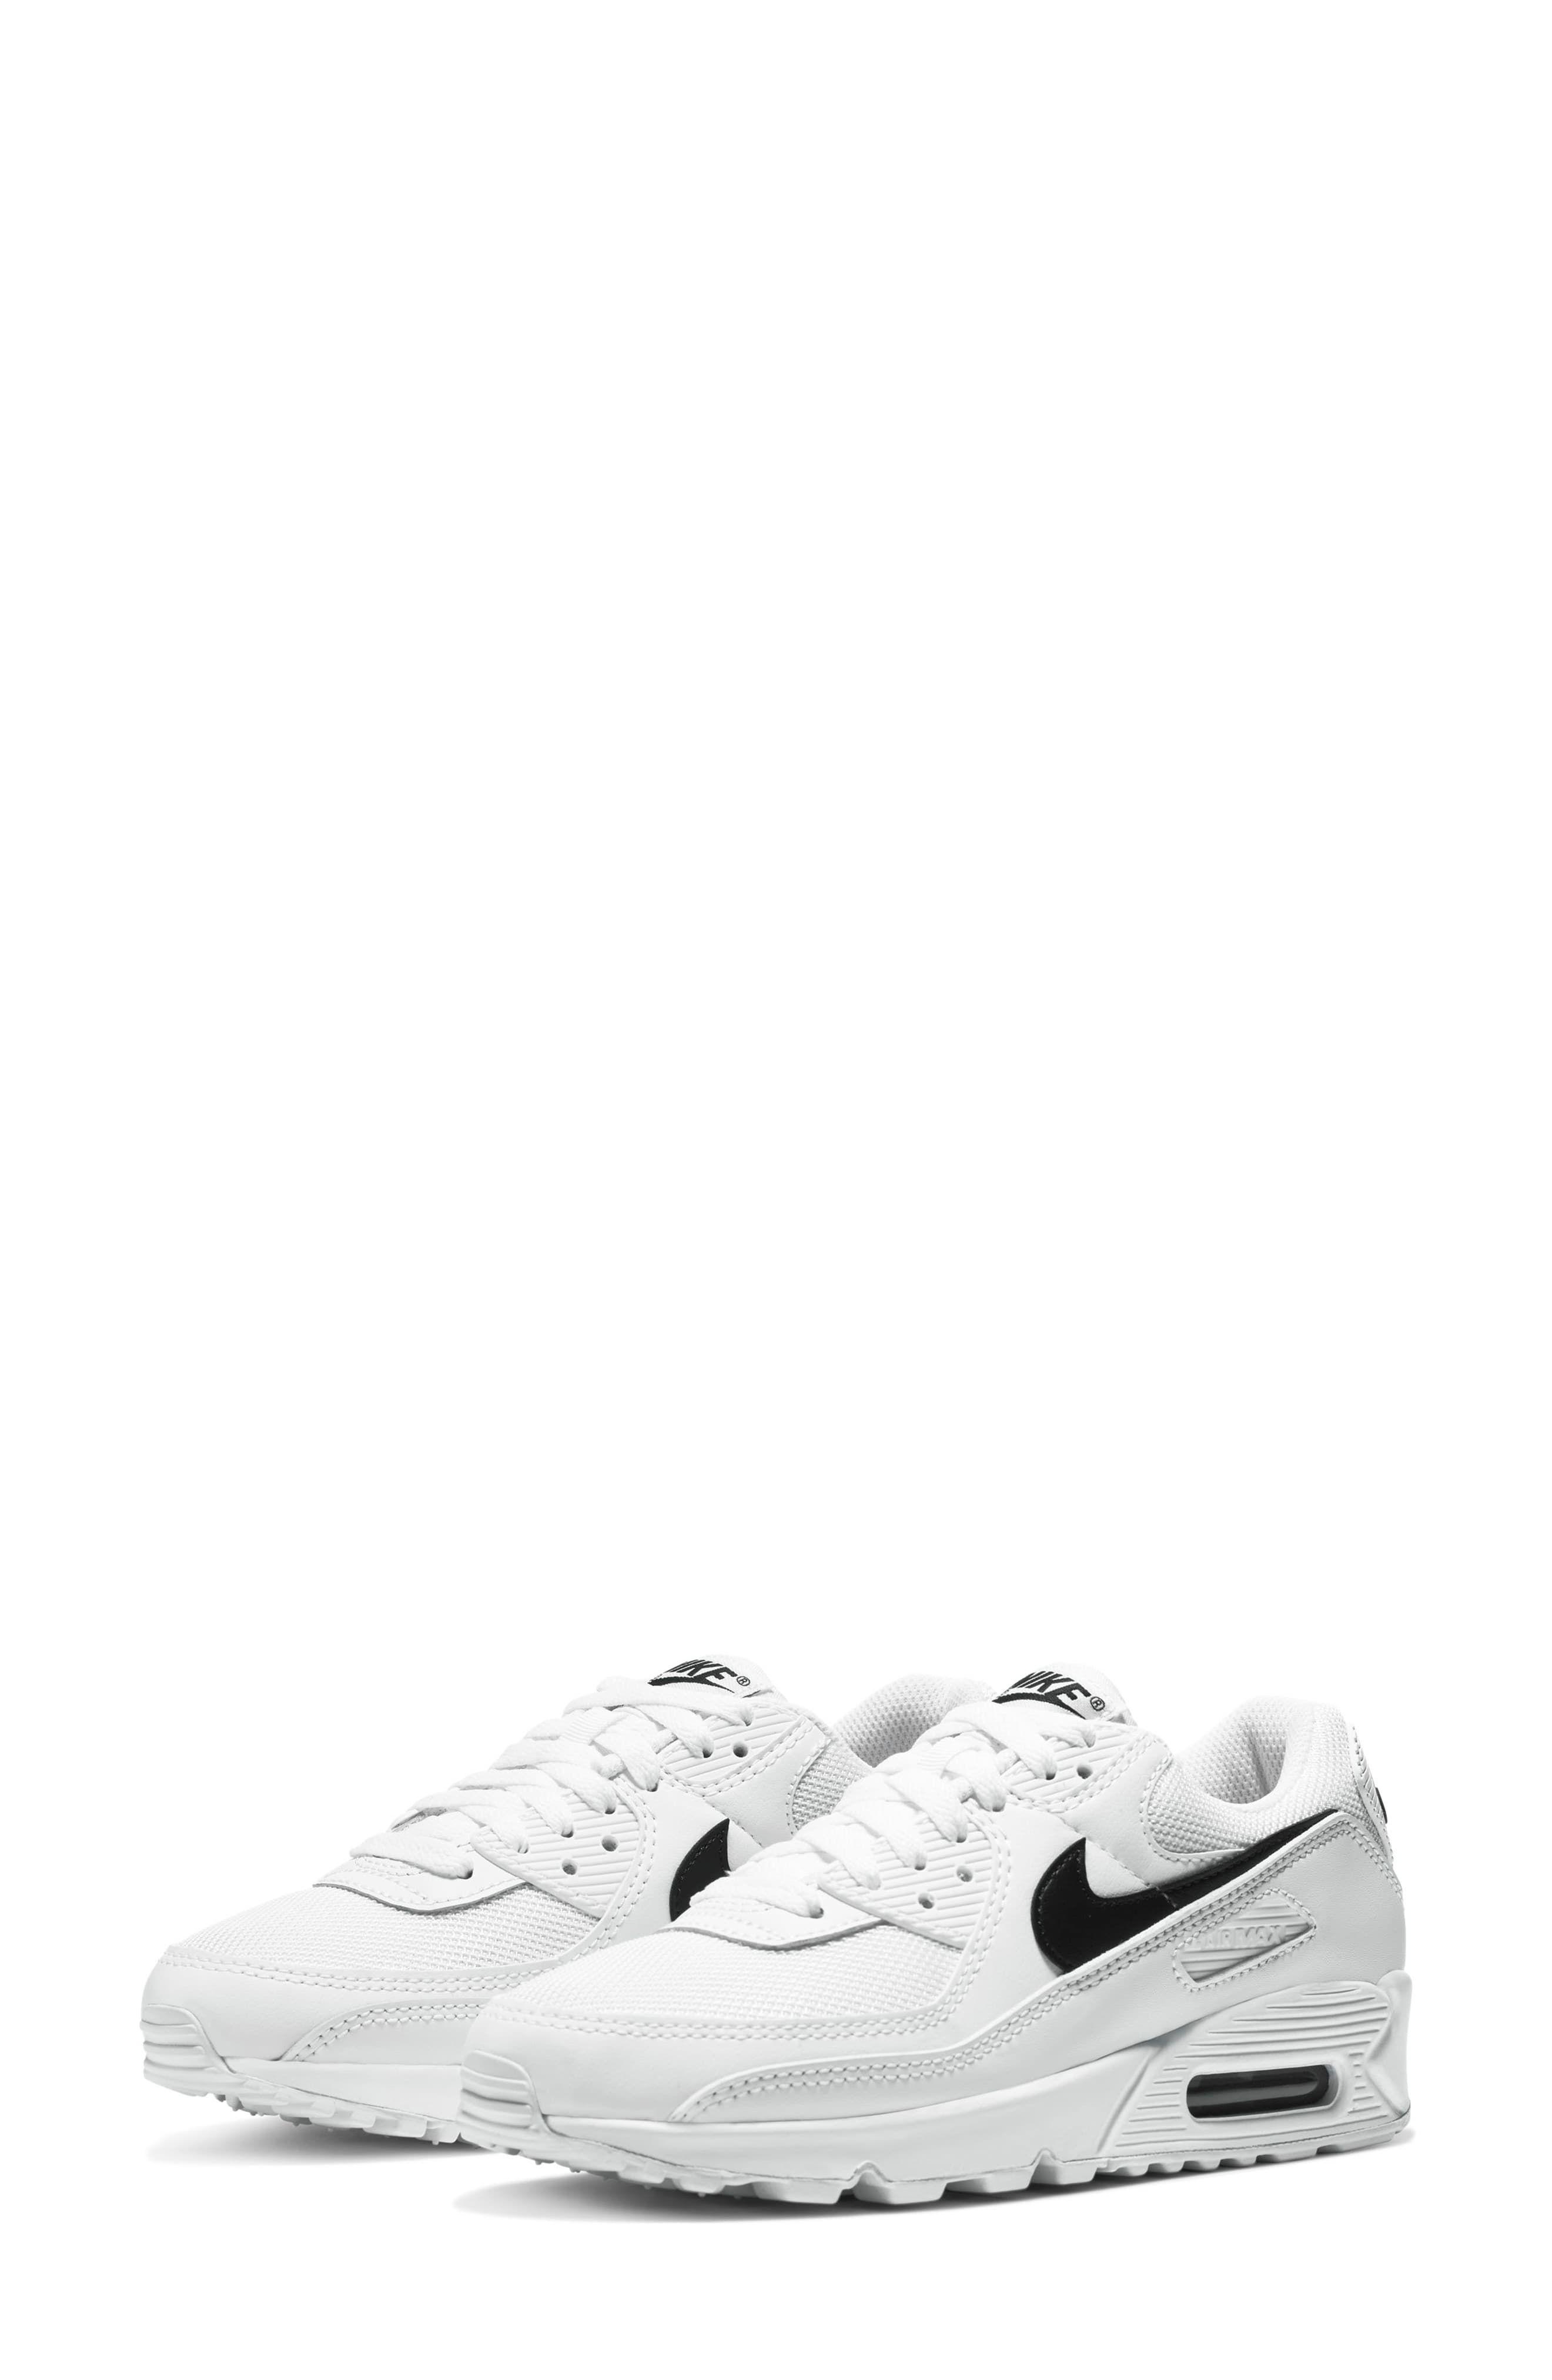 Nike Air Max 90 Sneaker Women In 2020 Nike Air Max Nike Air